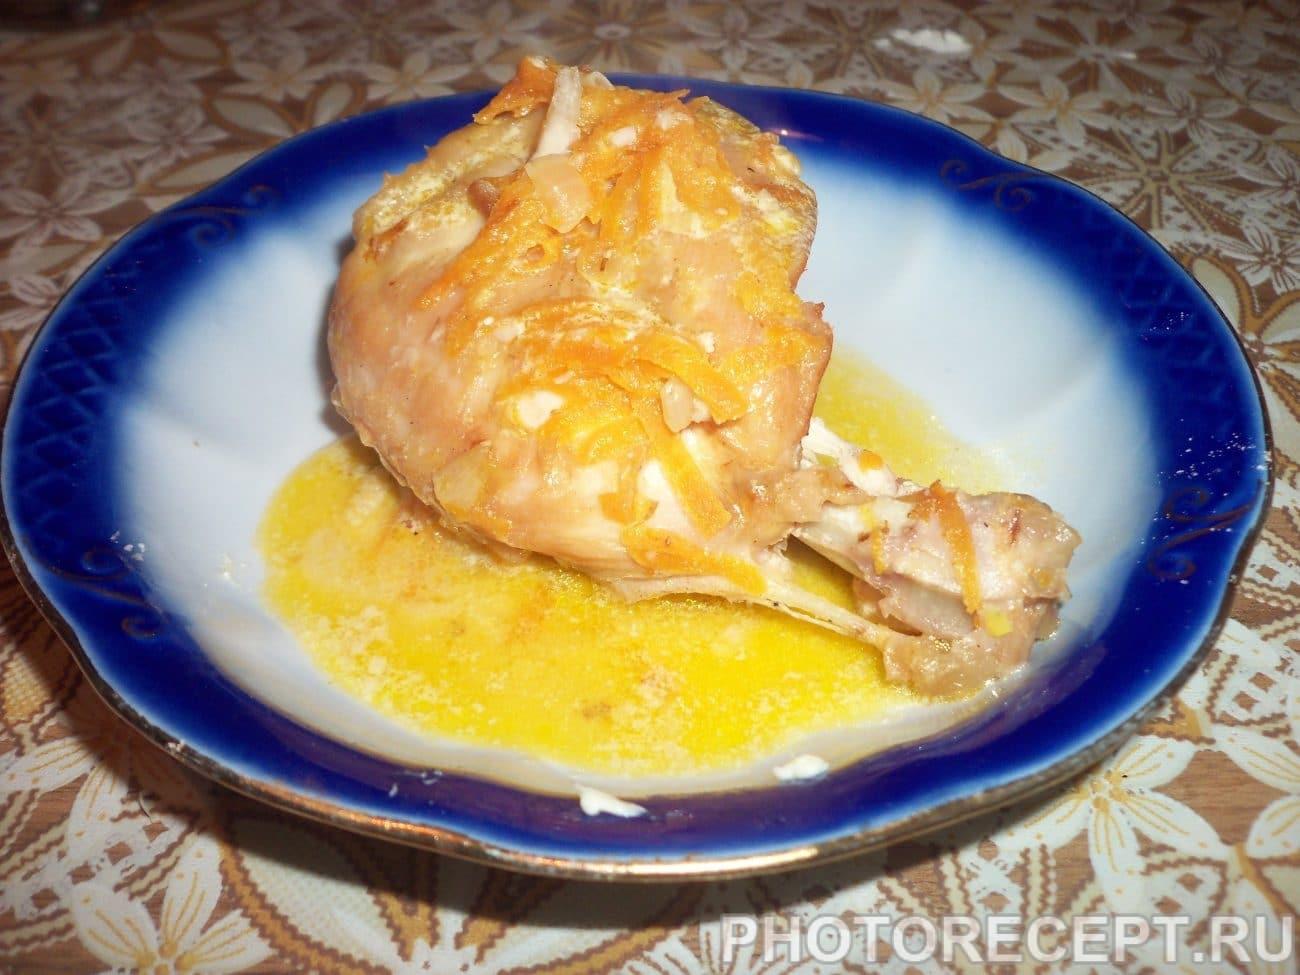 Мясо кролика тушеное в сметанно-чесночной заливке